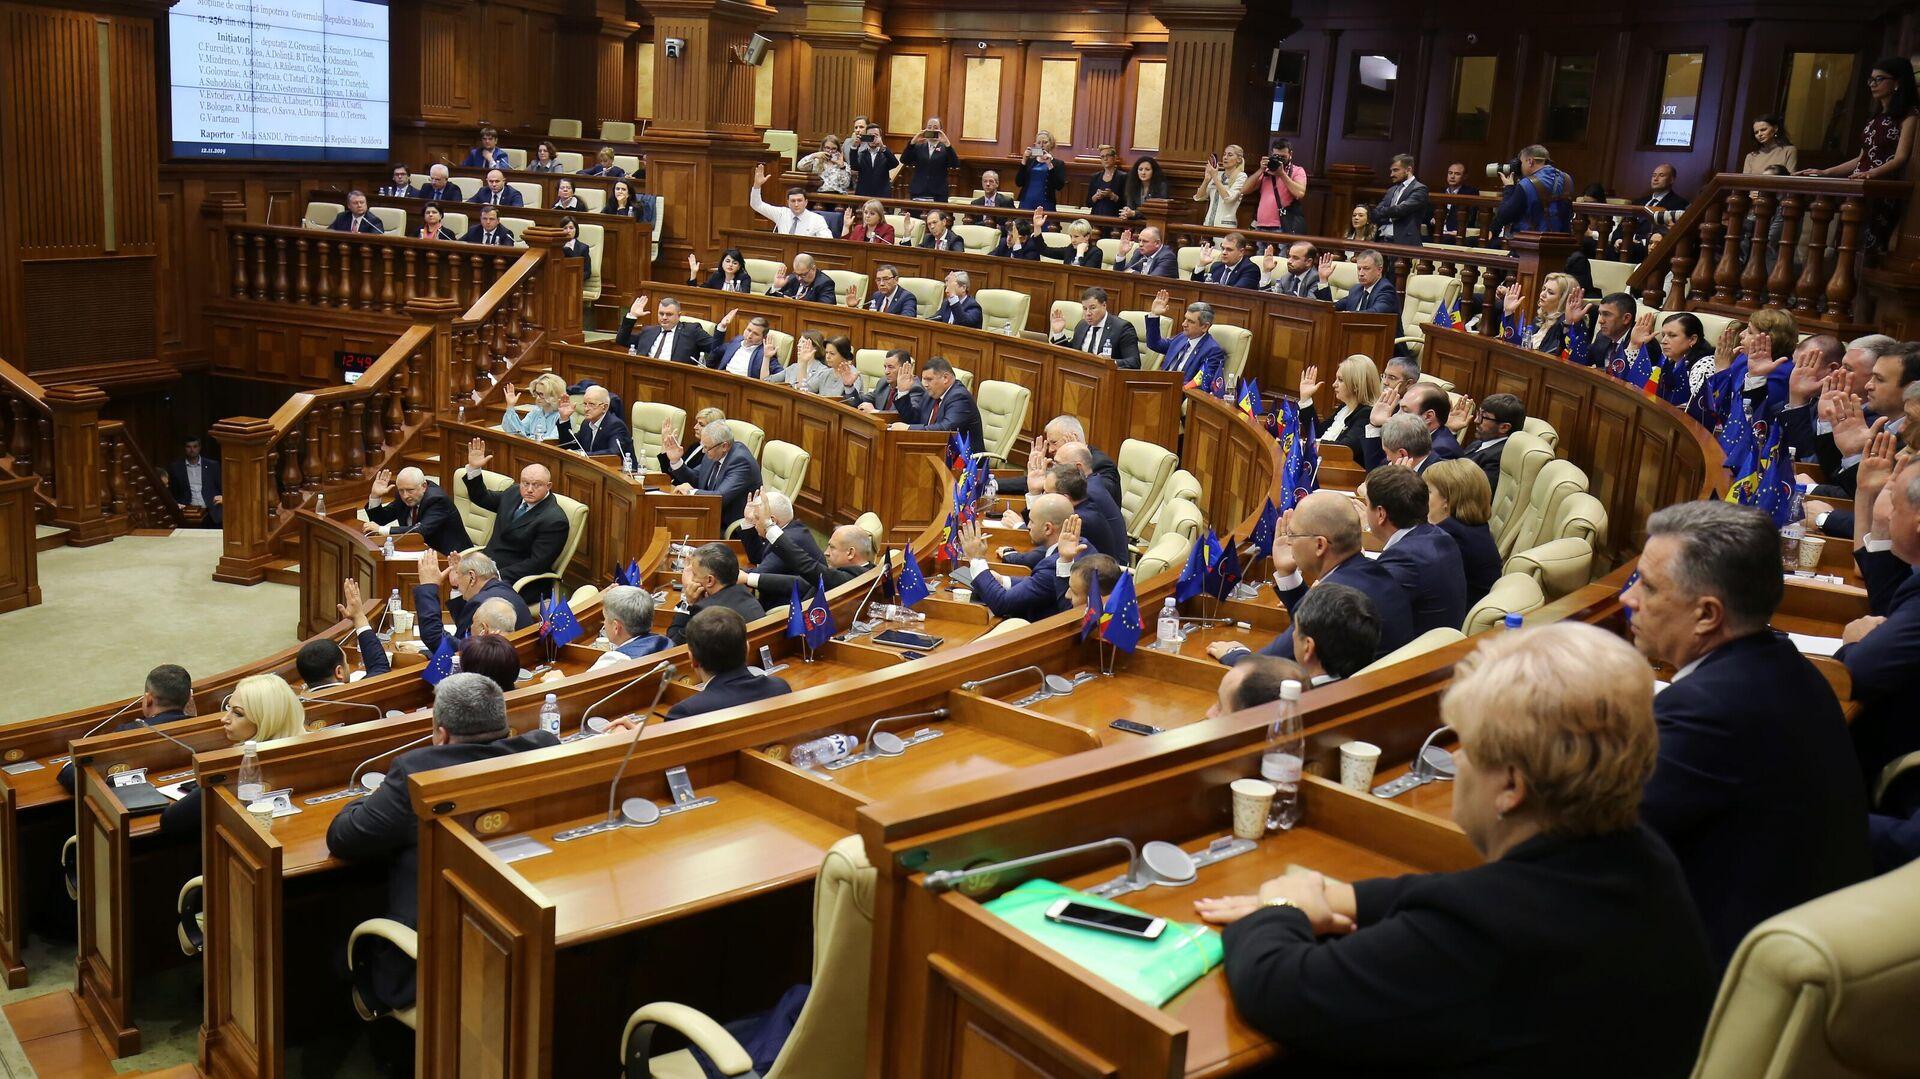 Депутаты на заседании парламента Молдавии в Кишиневе - РИА Новости, 1920, 03.12.2020